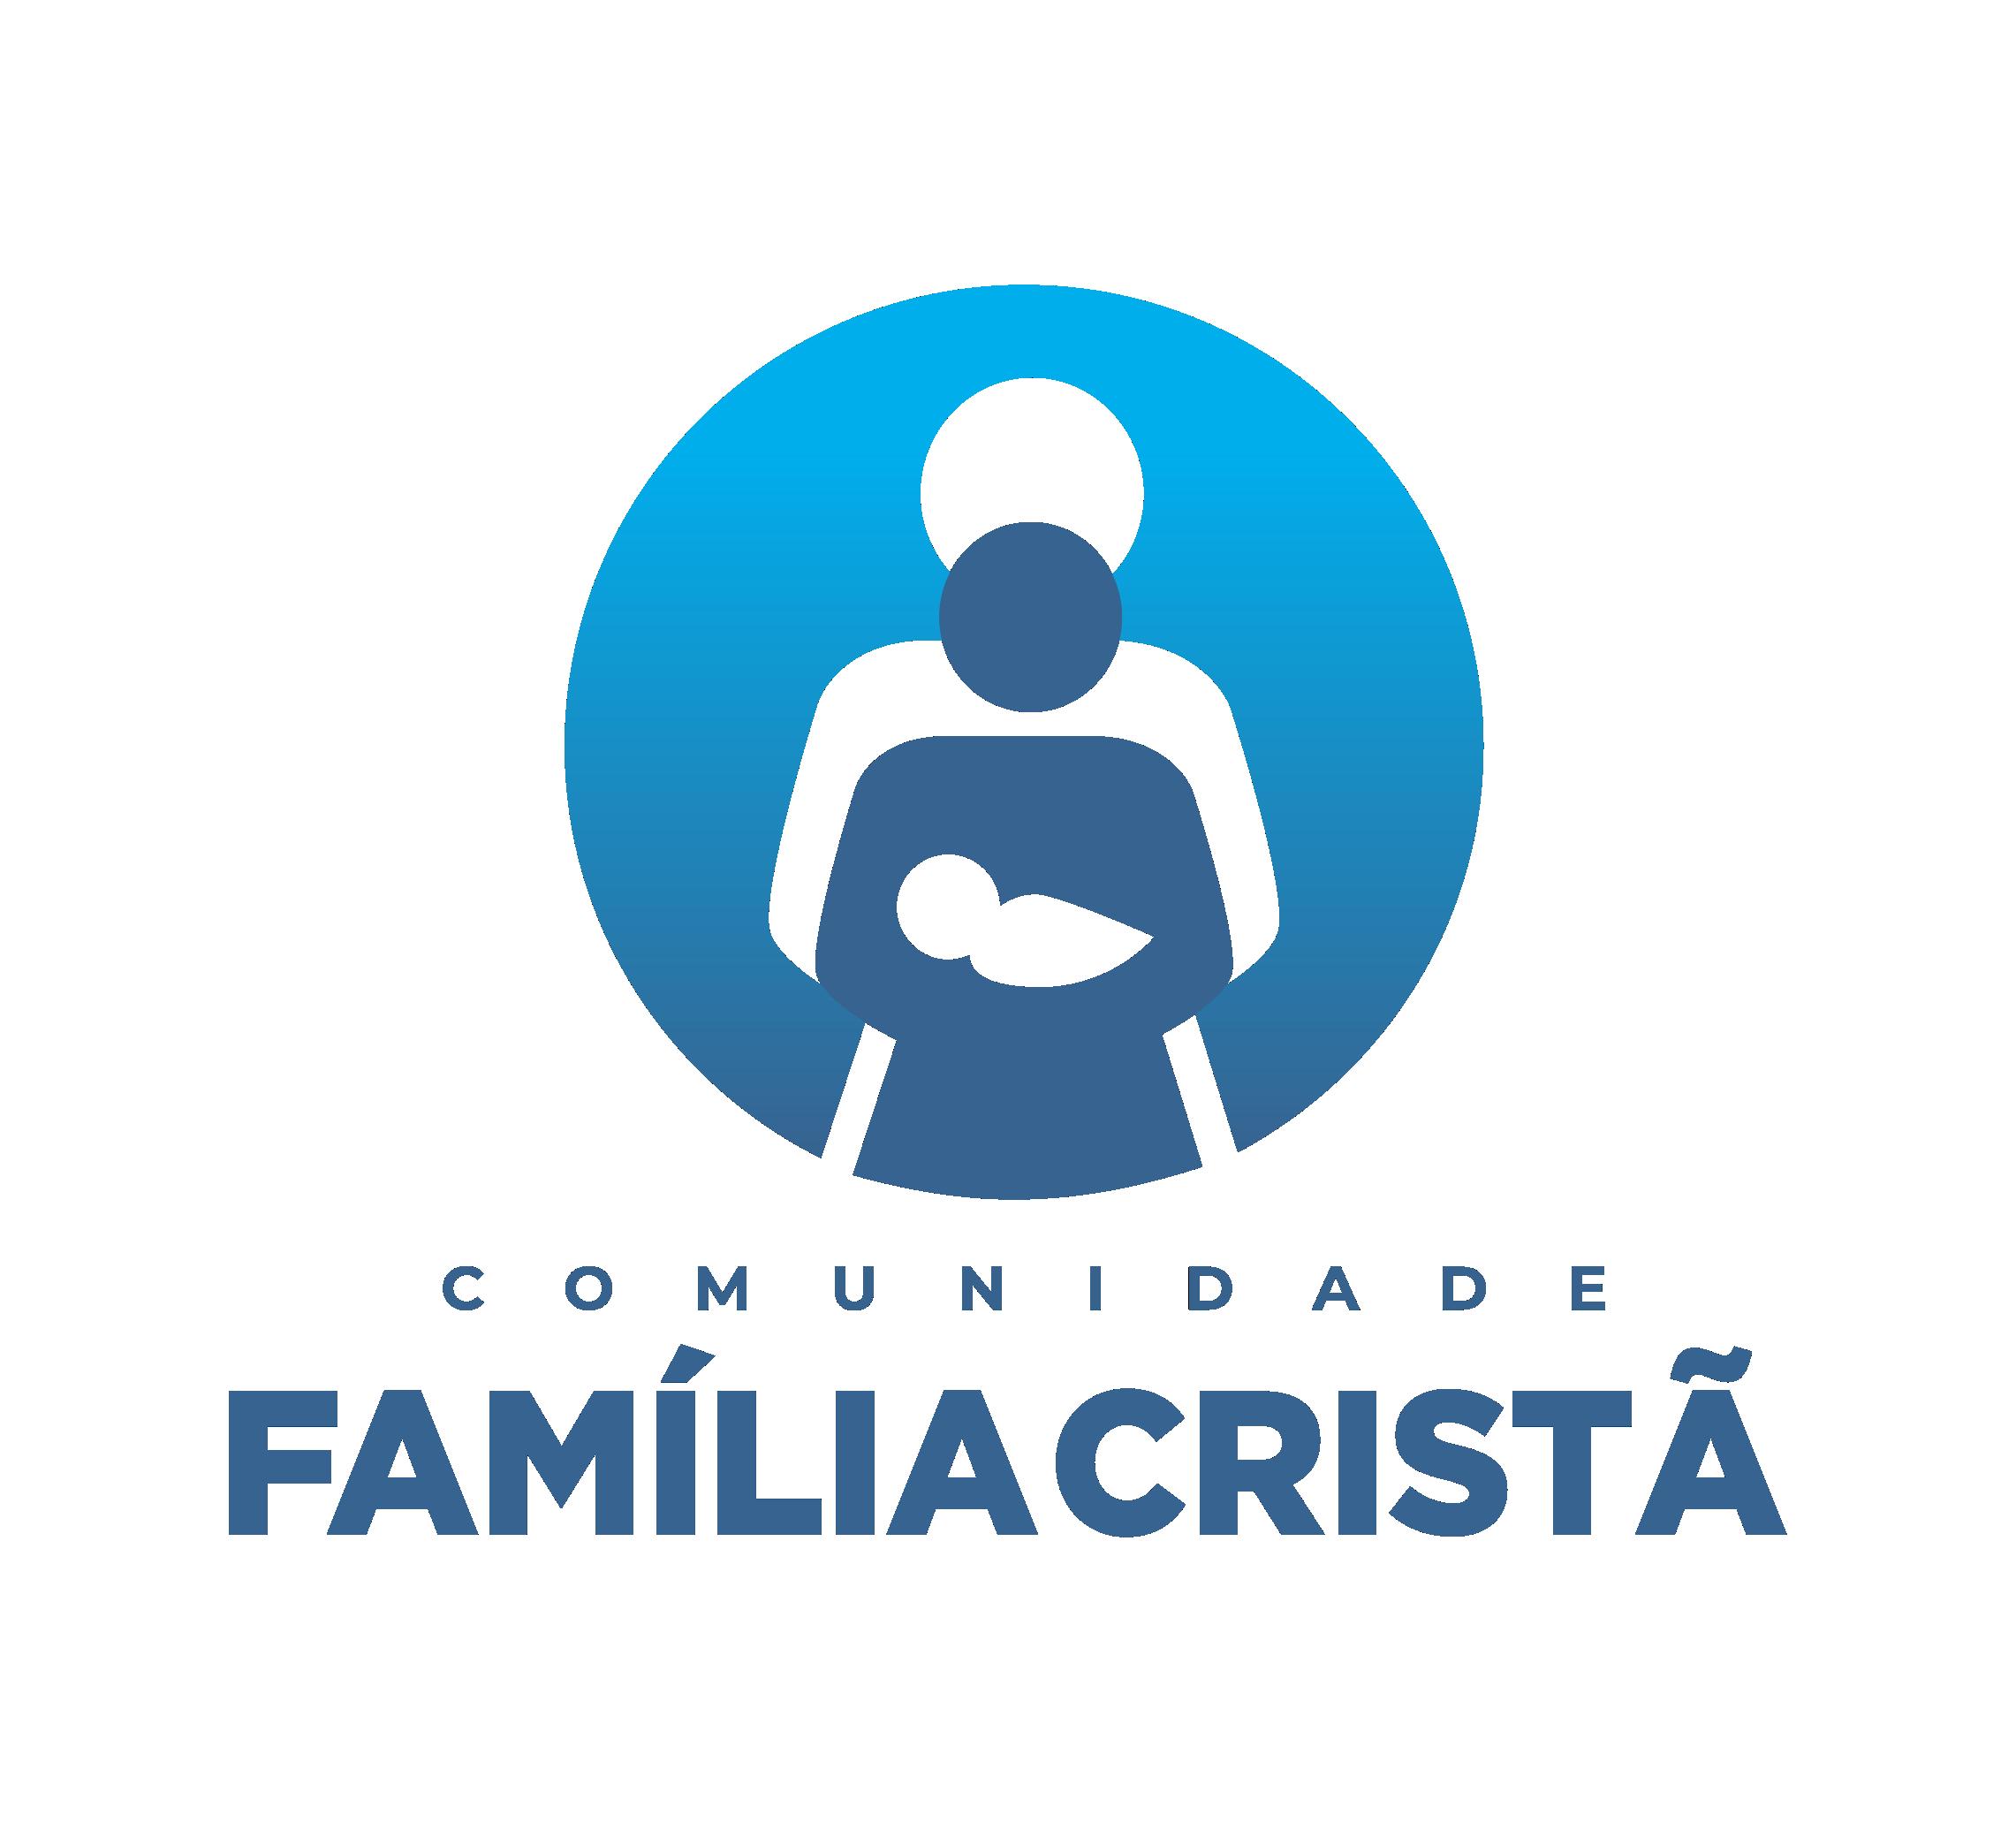 Comunidade da Família Cristã